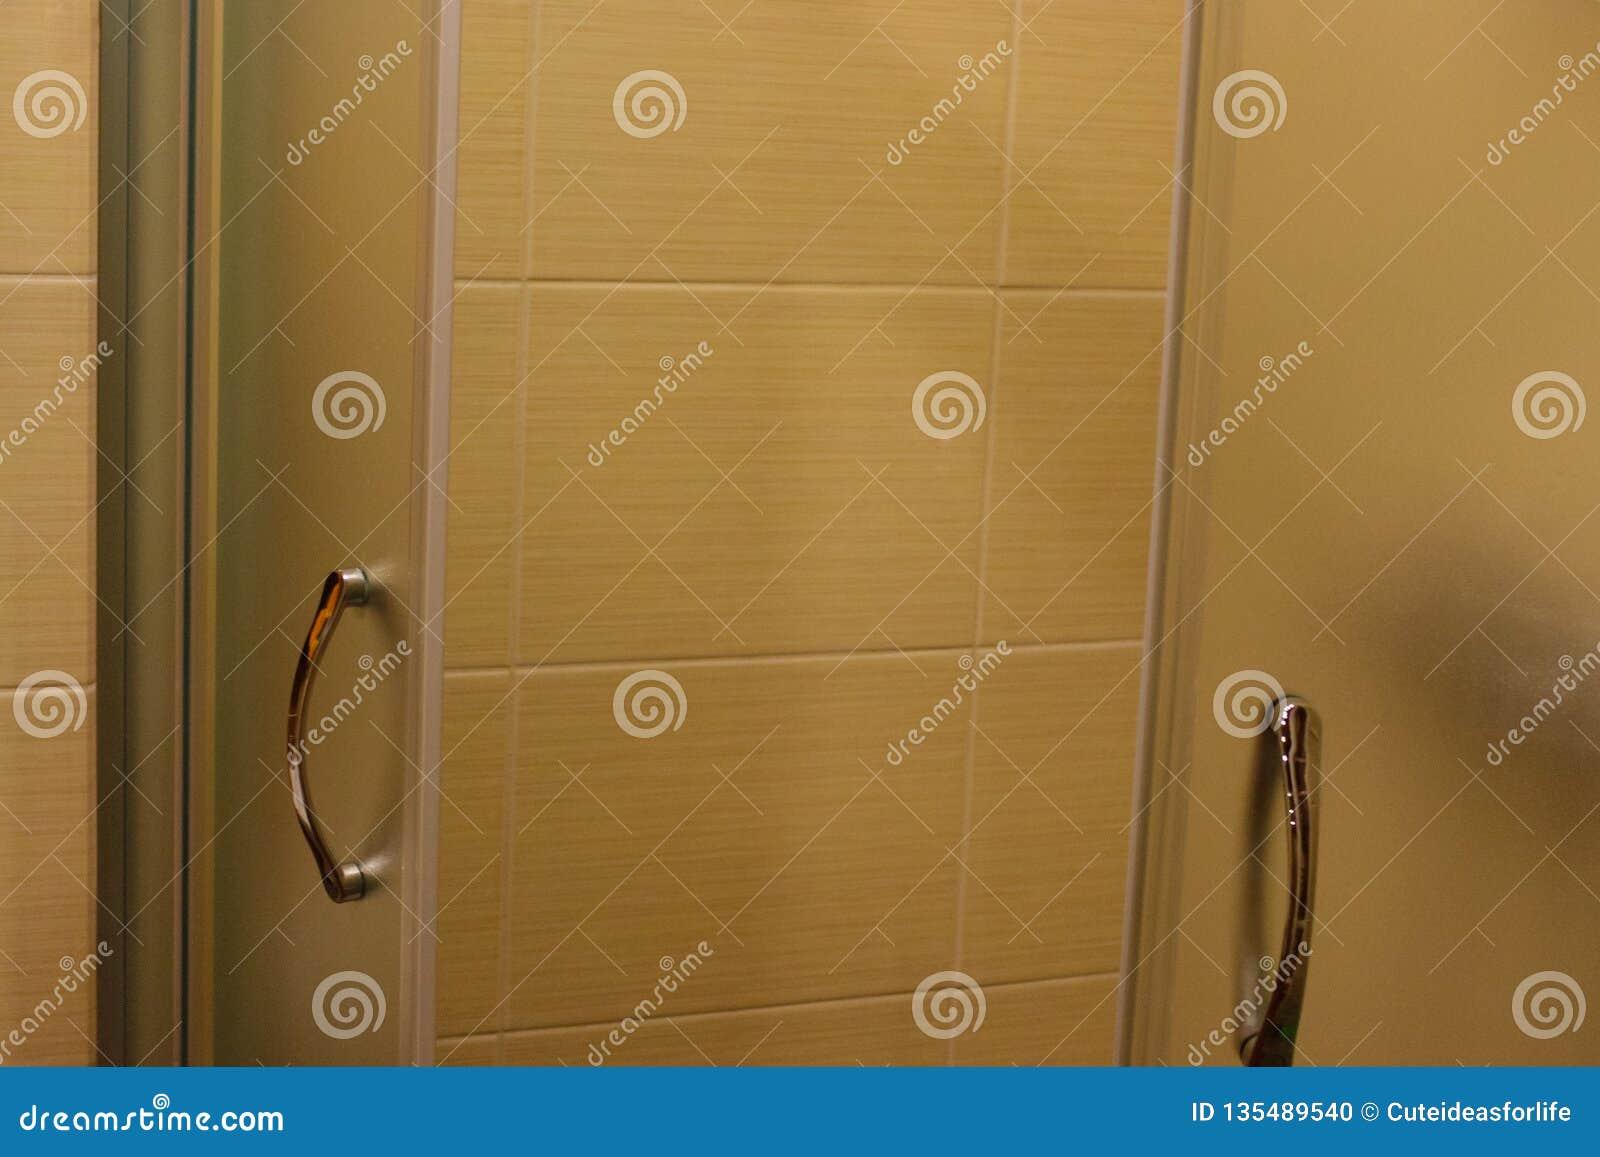 Innenraum des Badezimmers Die Tür ist geöffnet… Sie - Wartezeiten